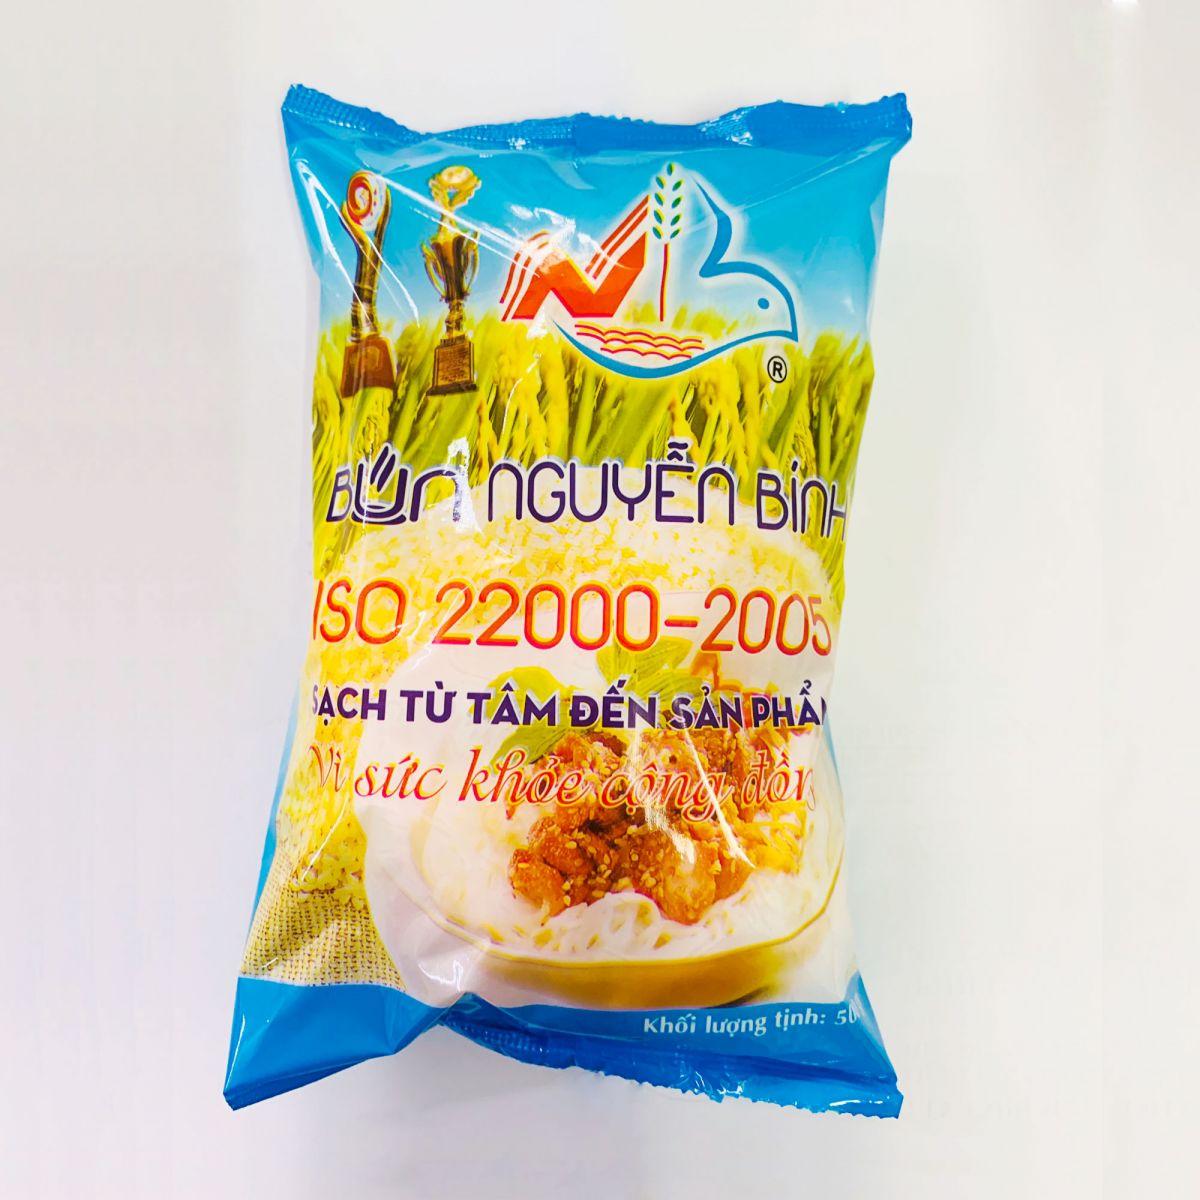 Sản phẩm được các cơ quan chức năng chứng nhận an toàn vệ sinh thực phẩm.